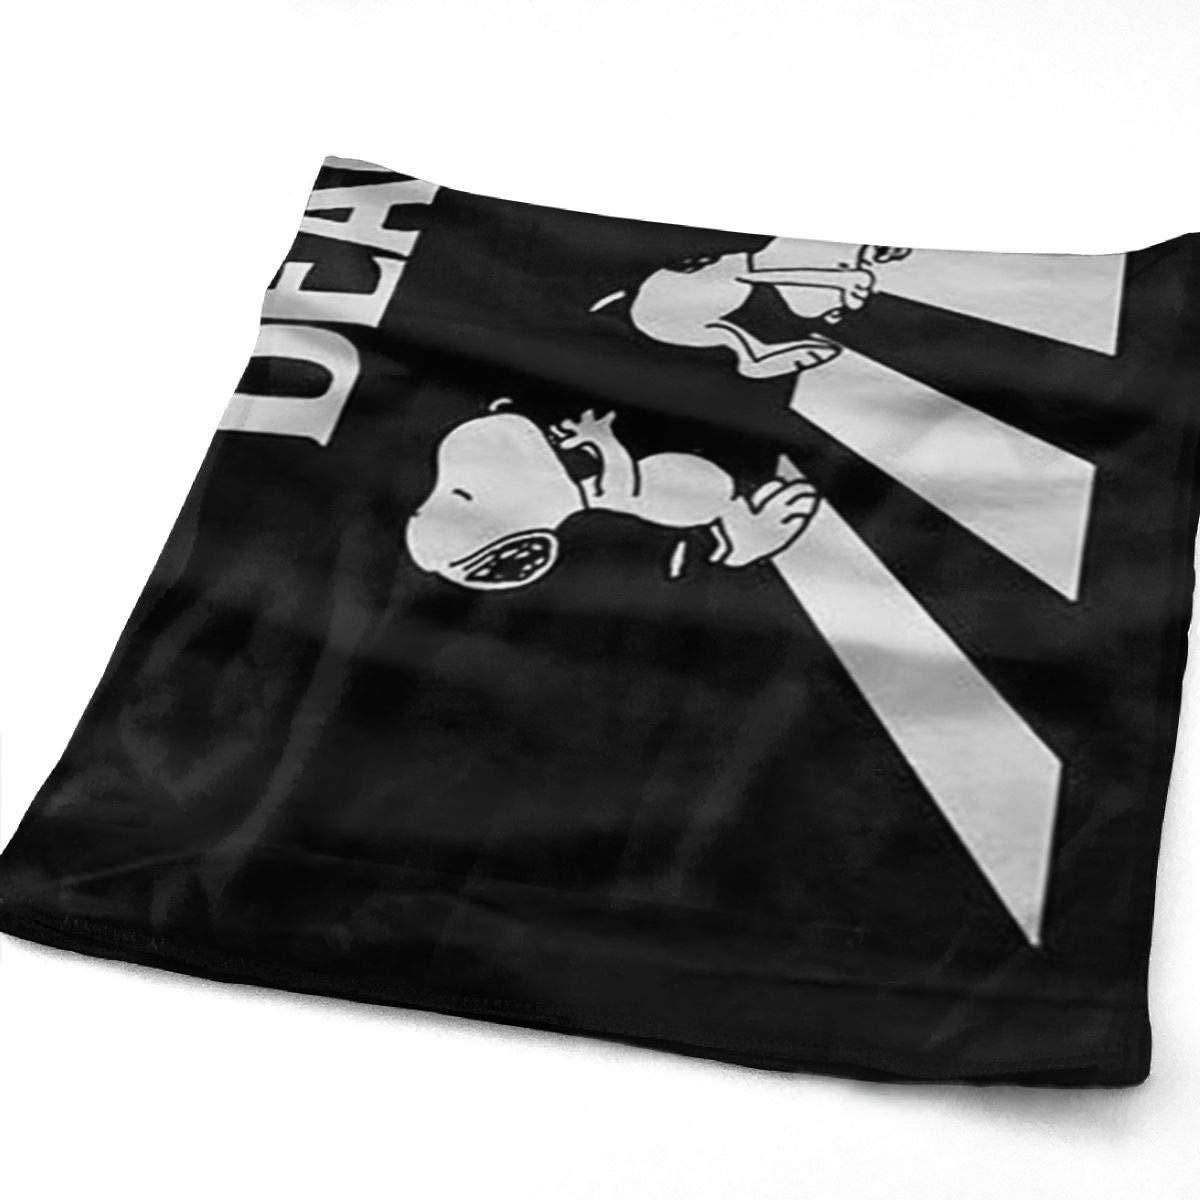 Greatbe Asciugamani Sportivi Resistenti Snoopy Ideale per luso Quotidiano Asciugamani da Bagno Ultra Morbidi da 11,8X 27,5per Piscina Spiaggia Viaggi